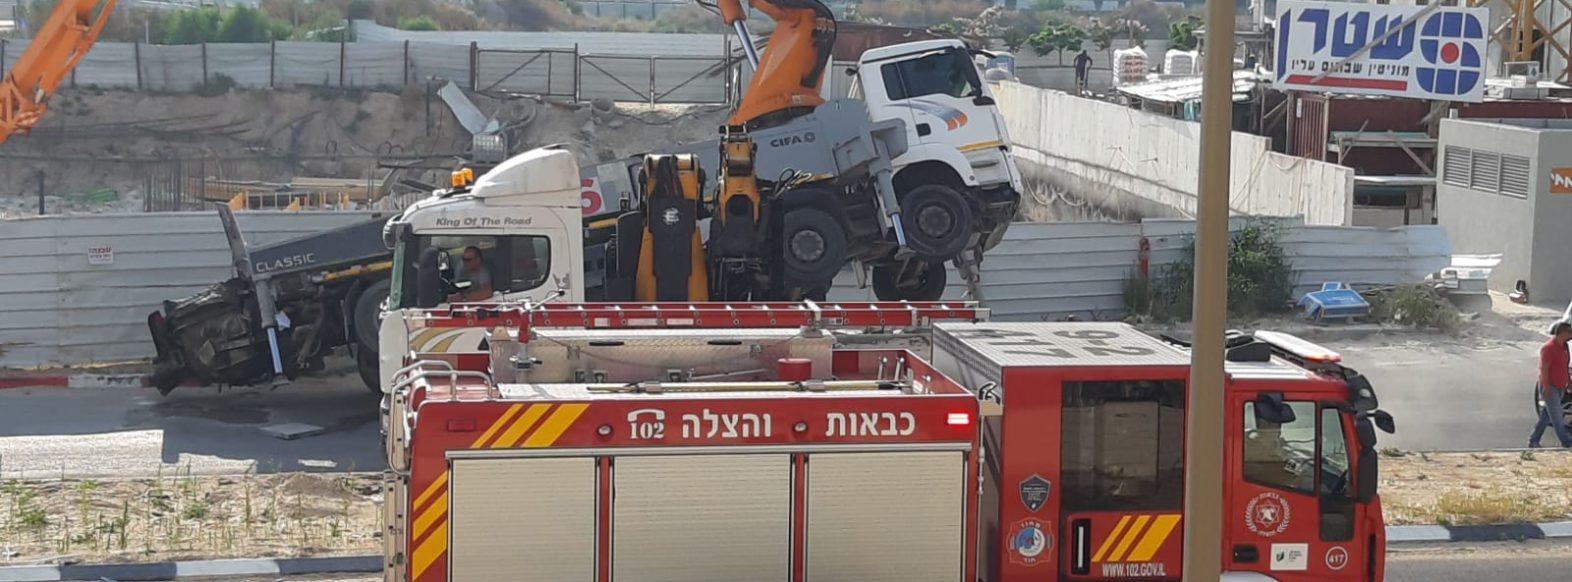 הרוג בתאונת עבודה באתר בניה בקריית מוצקין